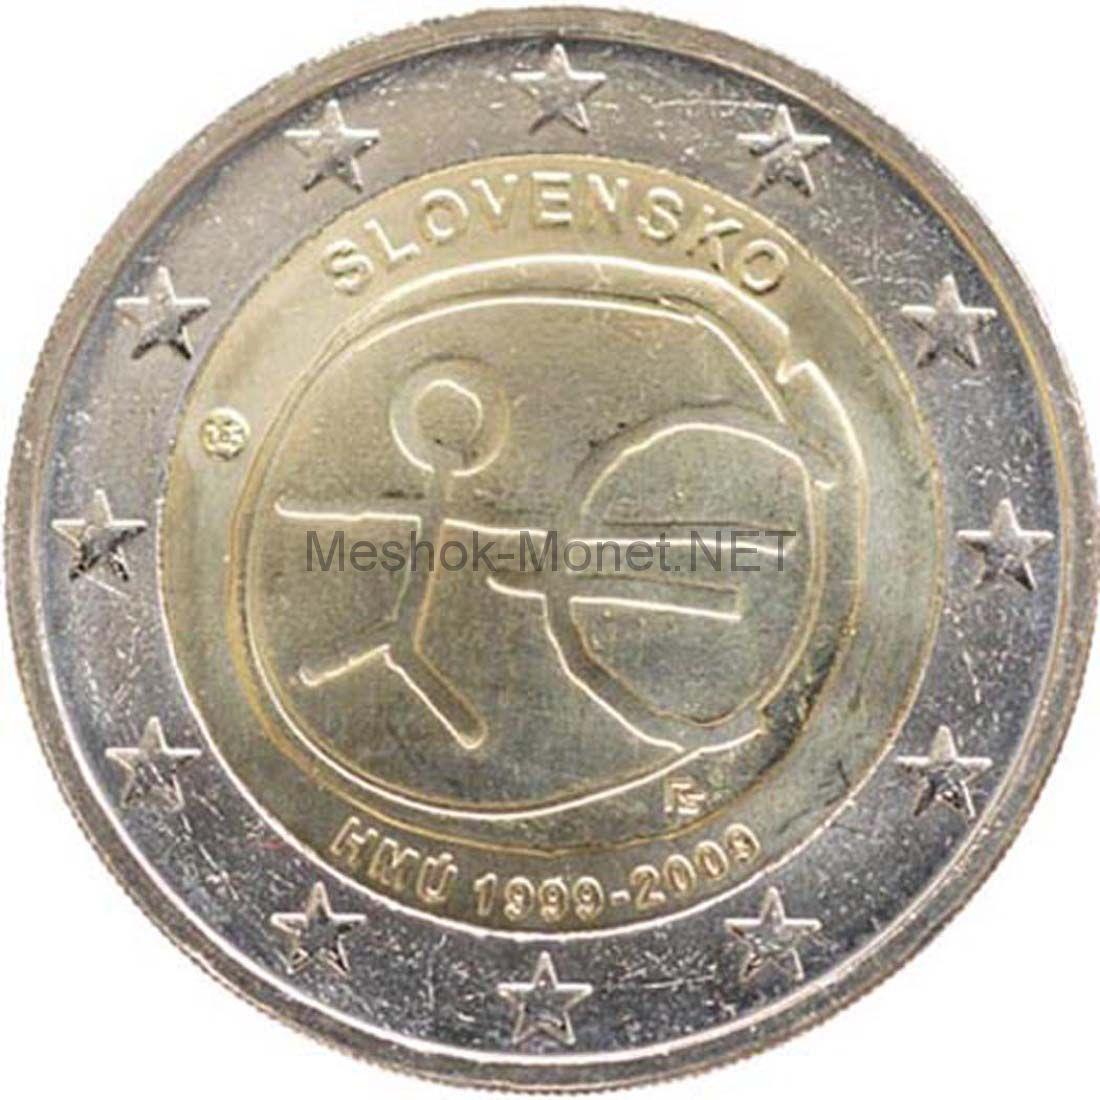 Словакия 2 евро 2009, 10 лет Экономическому и валютному союзу